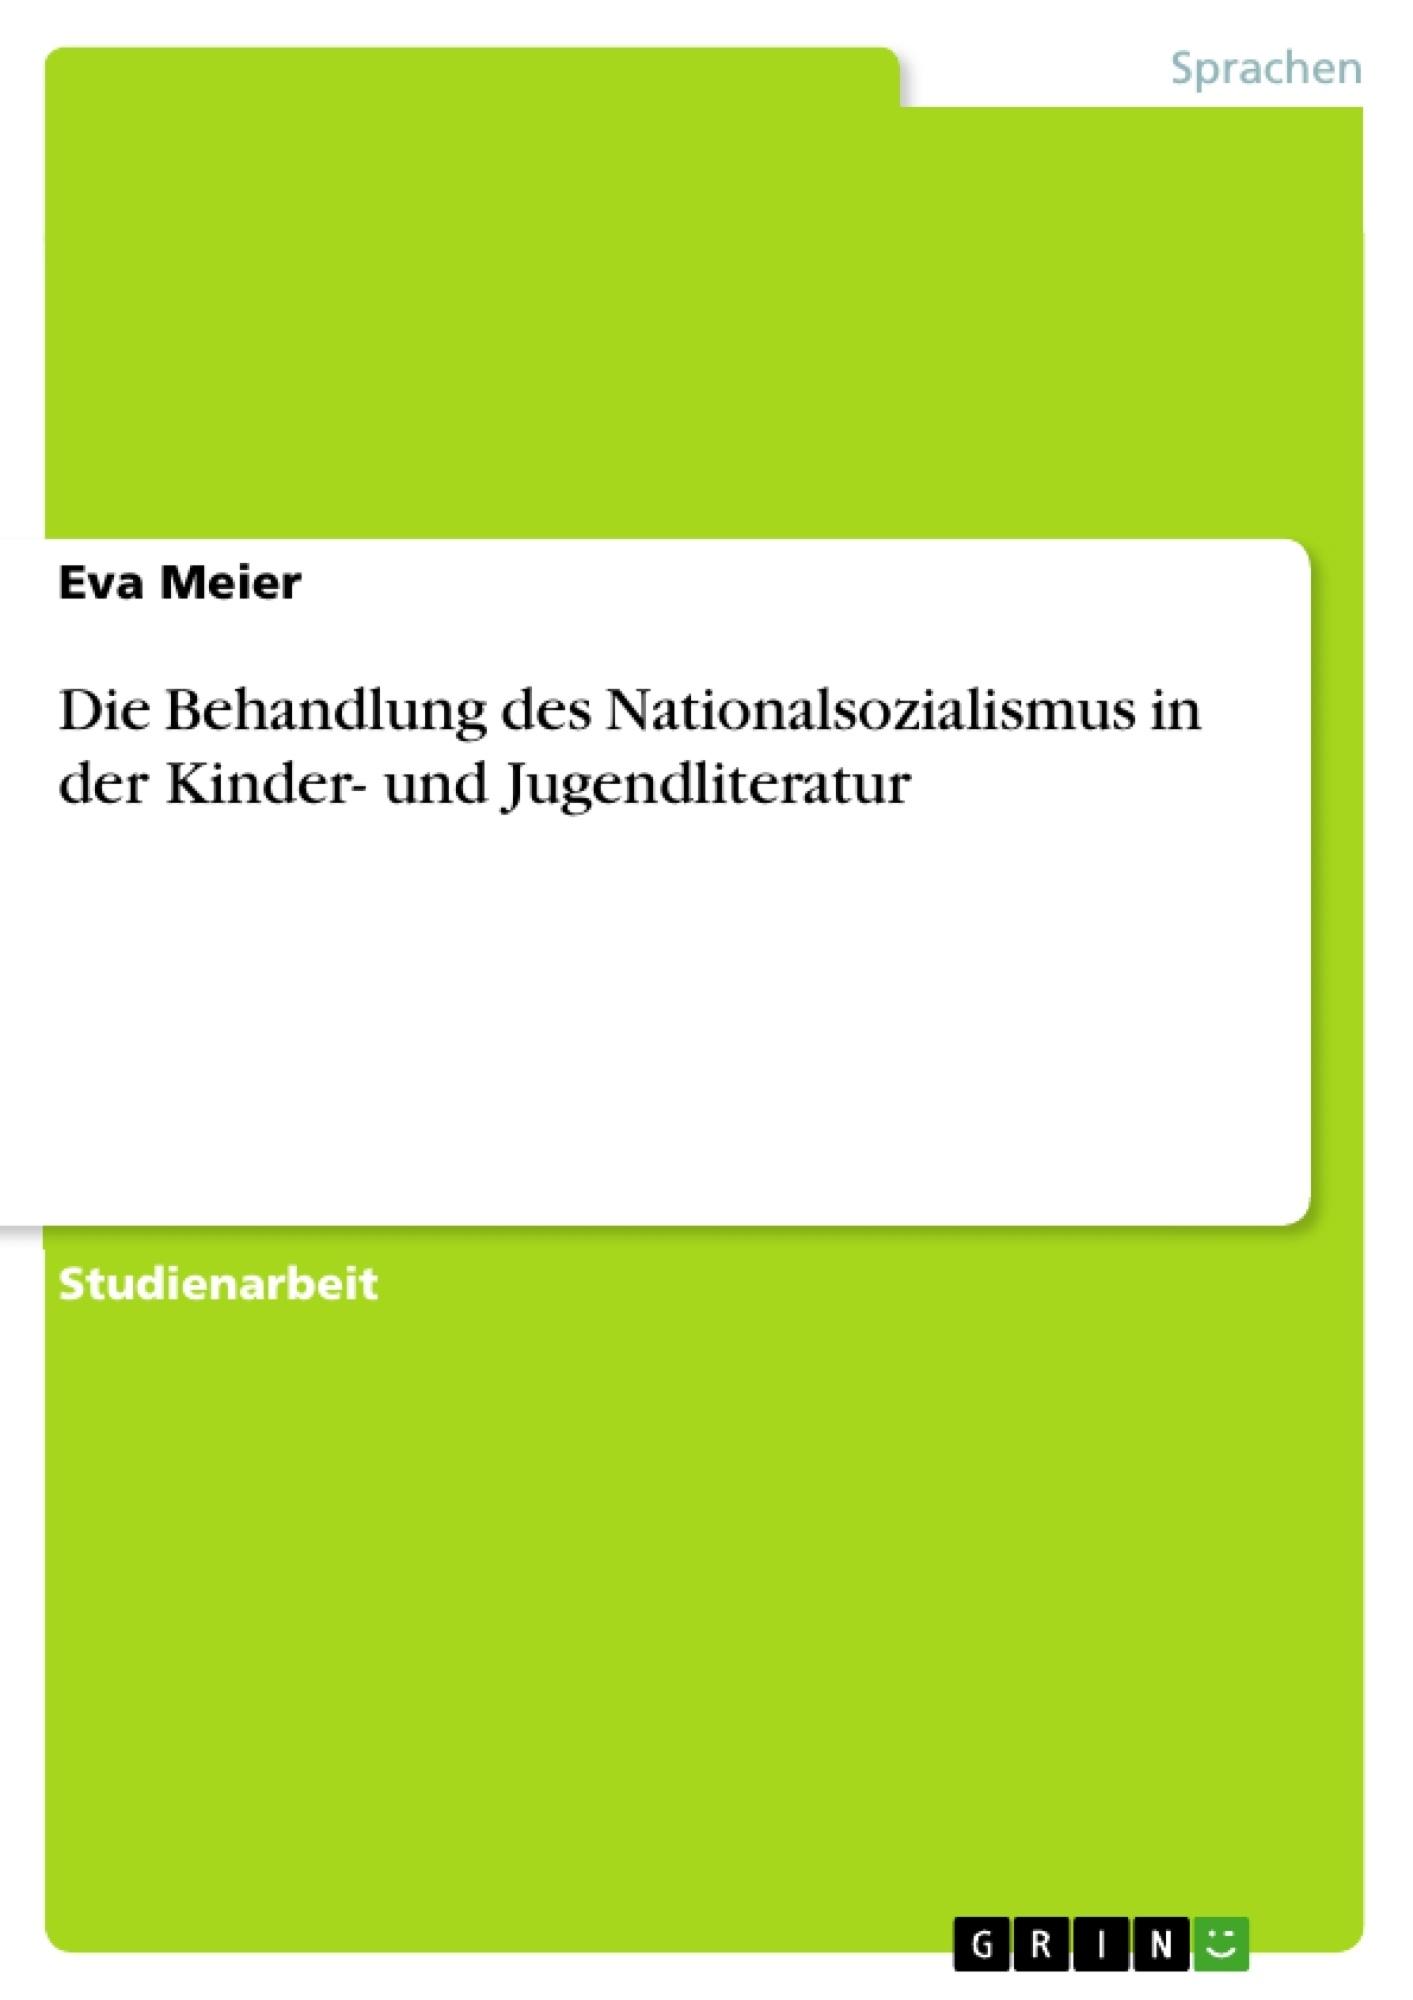 Titel: Die Behandlung des Nationalsozialismus in der Kinder- und Jugendliteratur